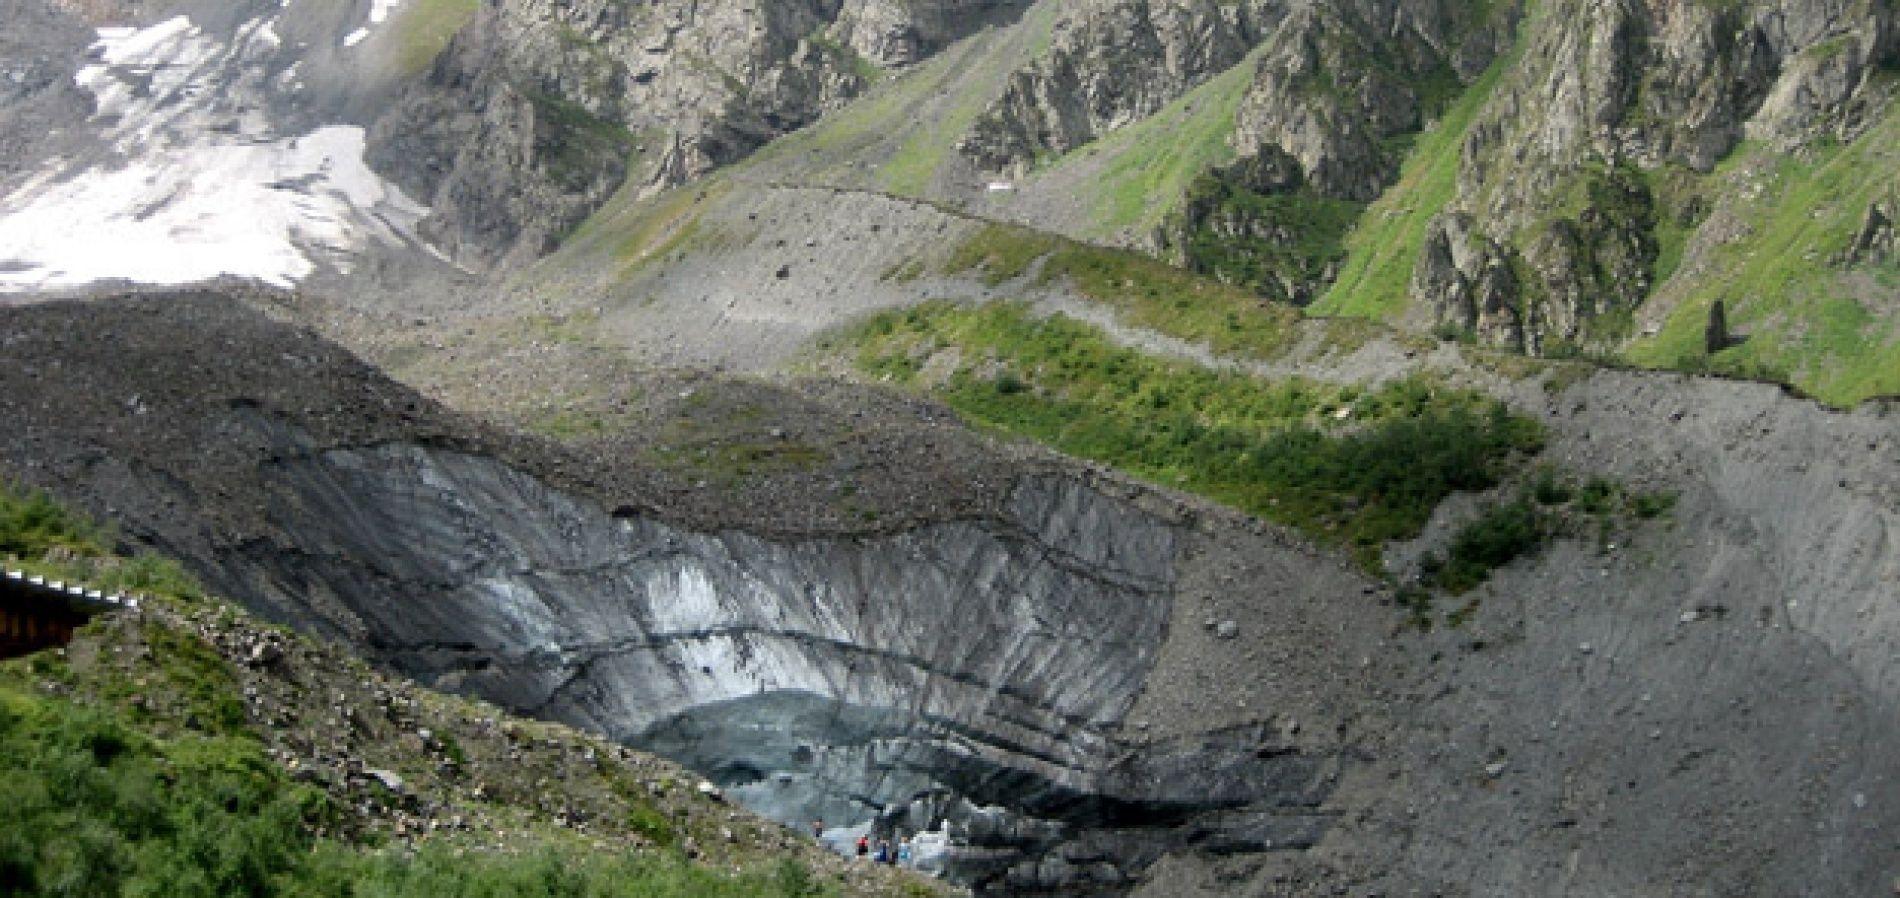 """База отдыха """"Вертикаль"""" Республика Северная Осетия - Алания, фото 11"""